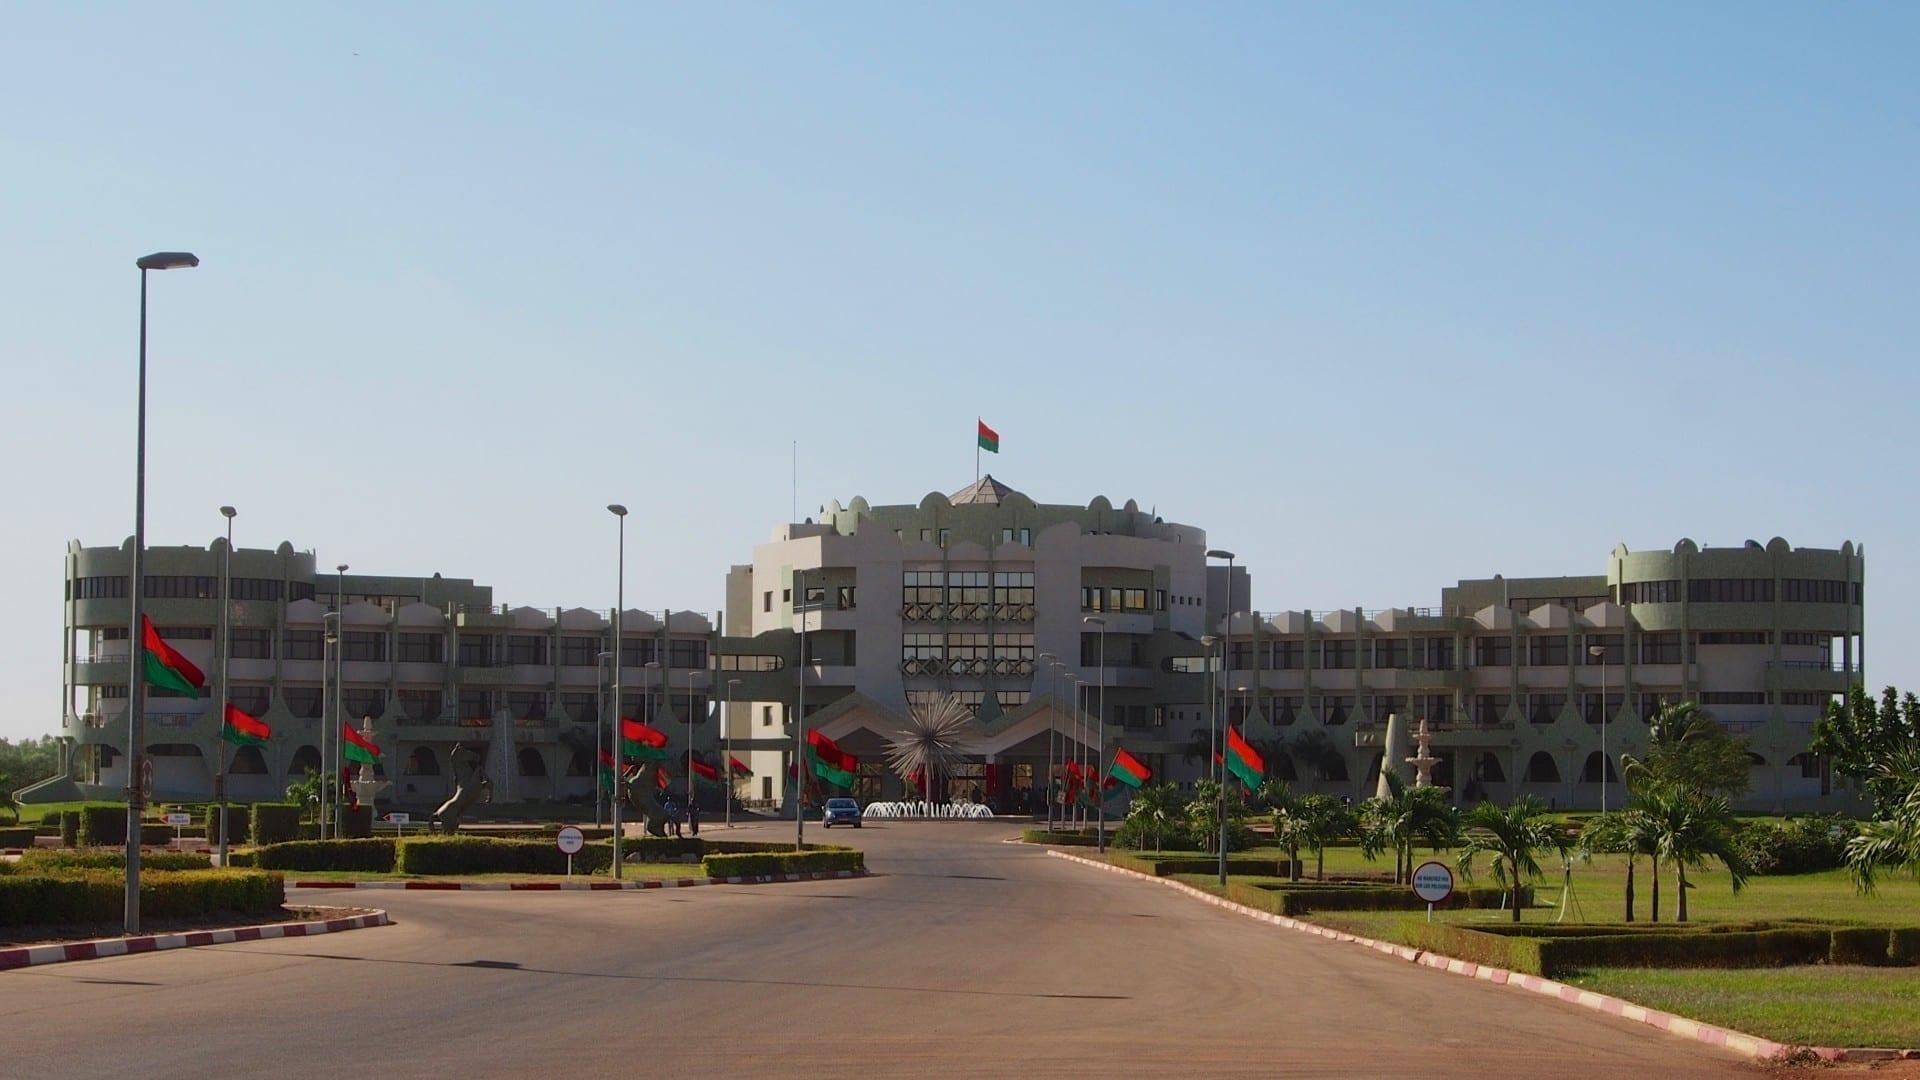 El Palacio Kosyam, el palacio presidencial. Uagadugú Burkina Faso